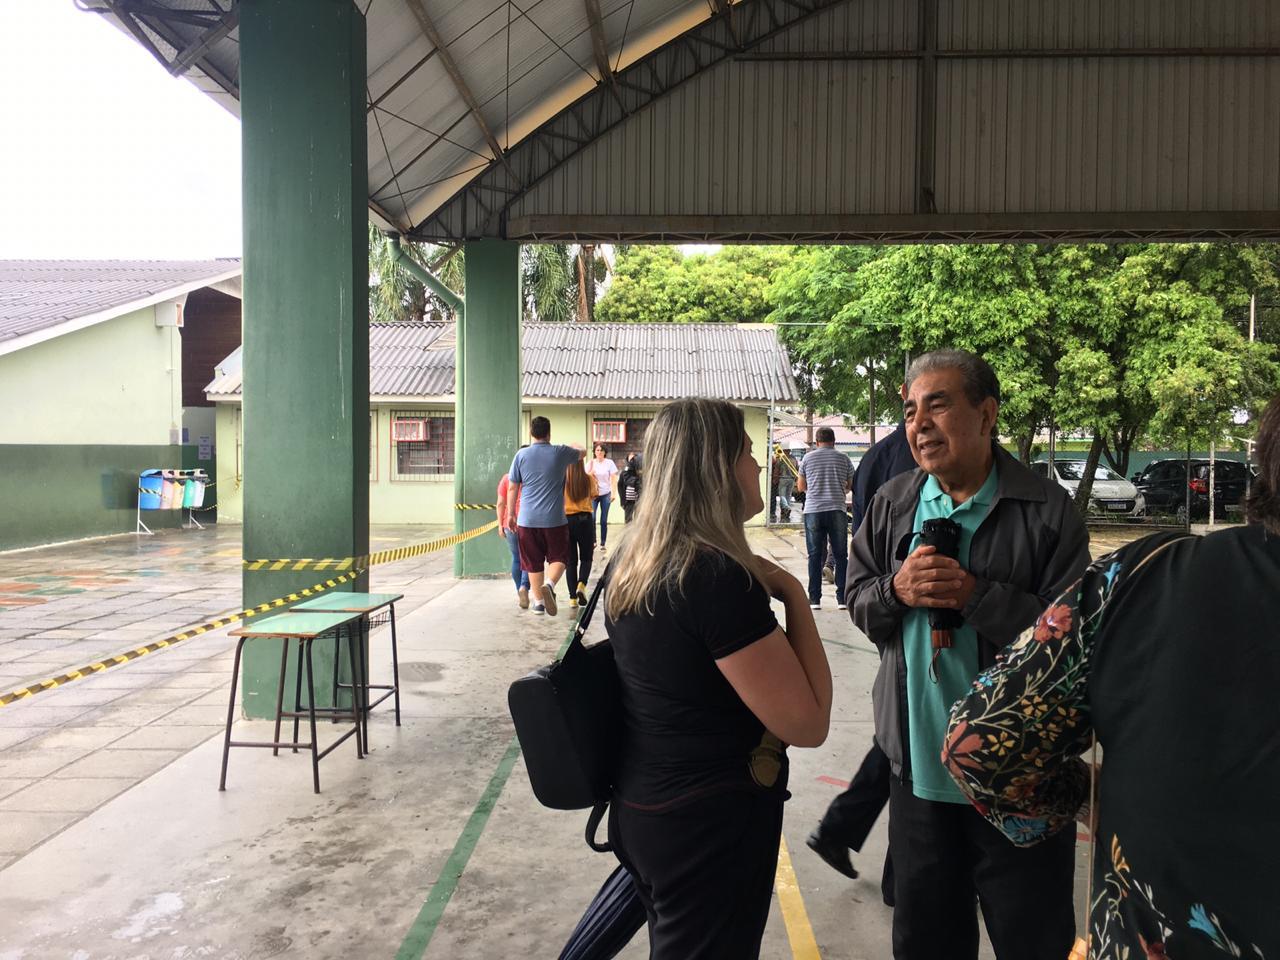 Eleitores comparecem ao local de votação na Regional Boqueirão. Foto: Andrey Ribeiro.